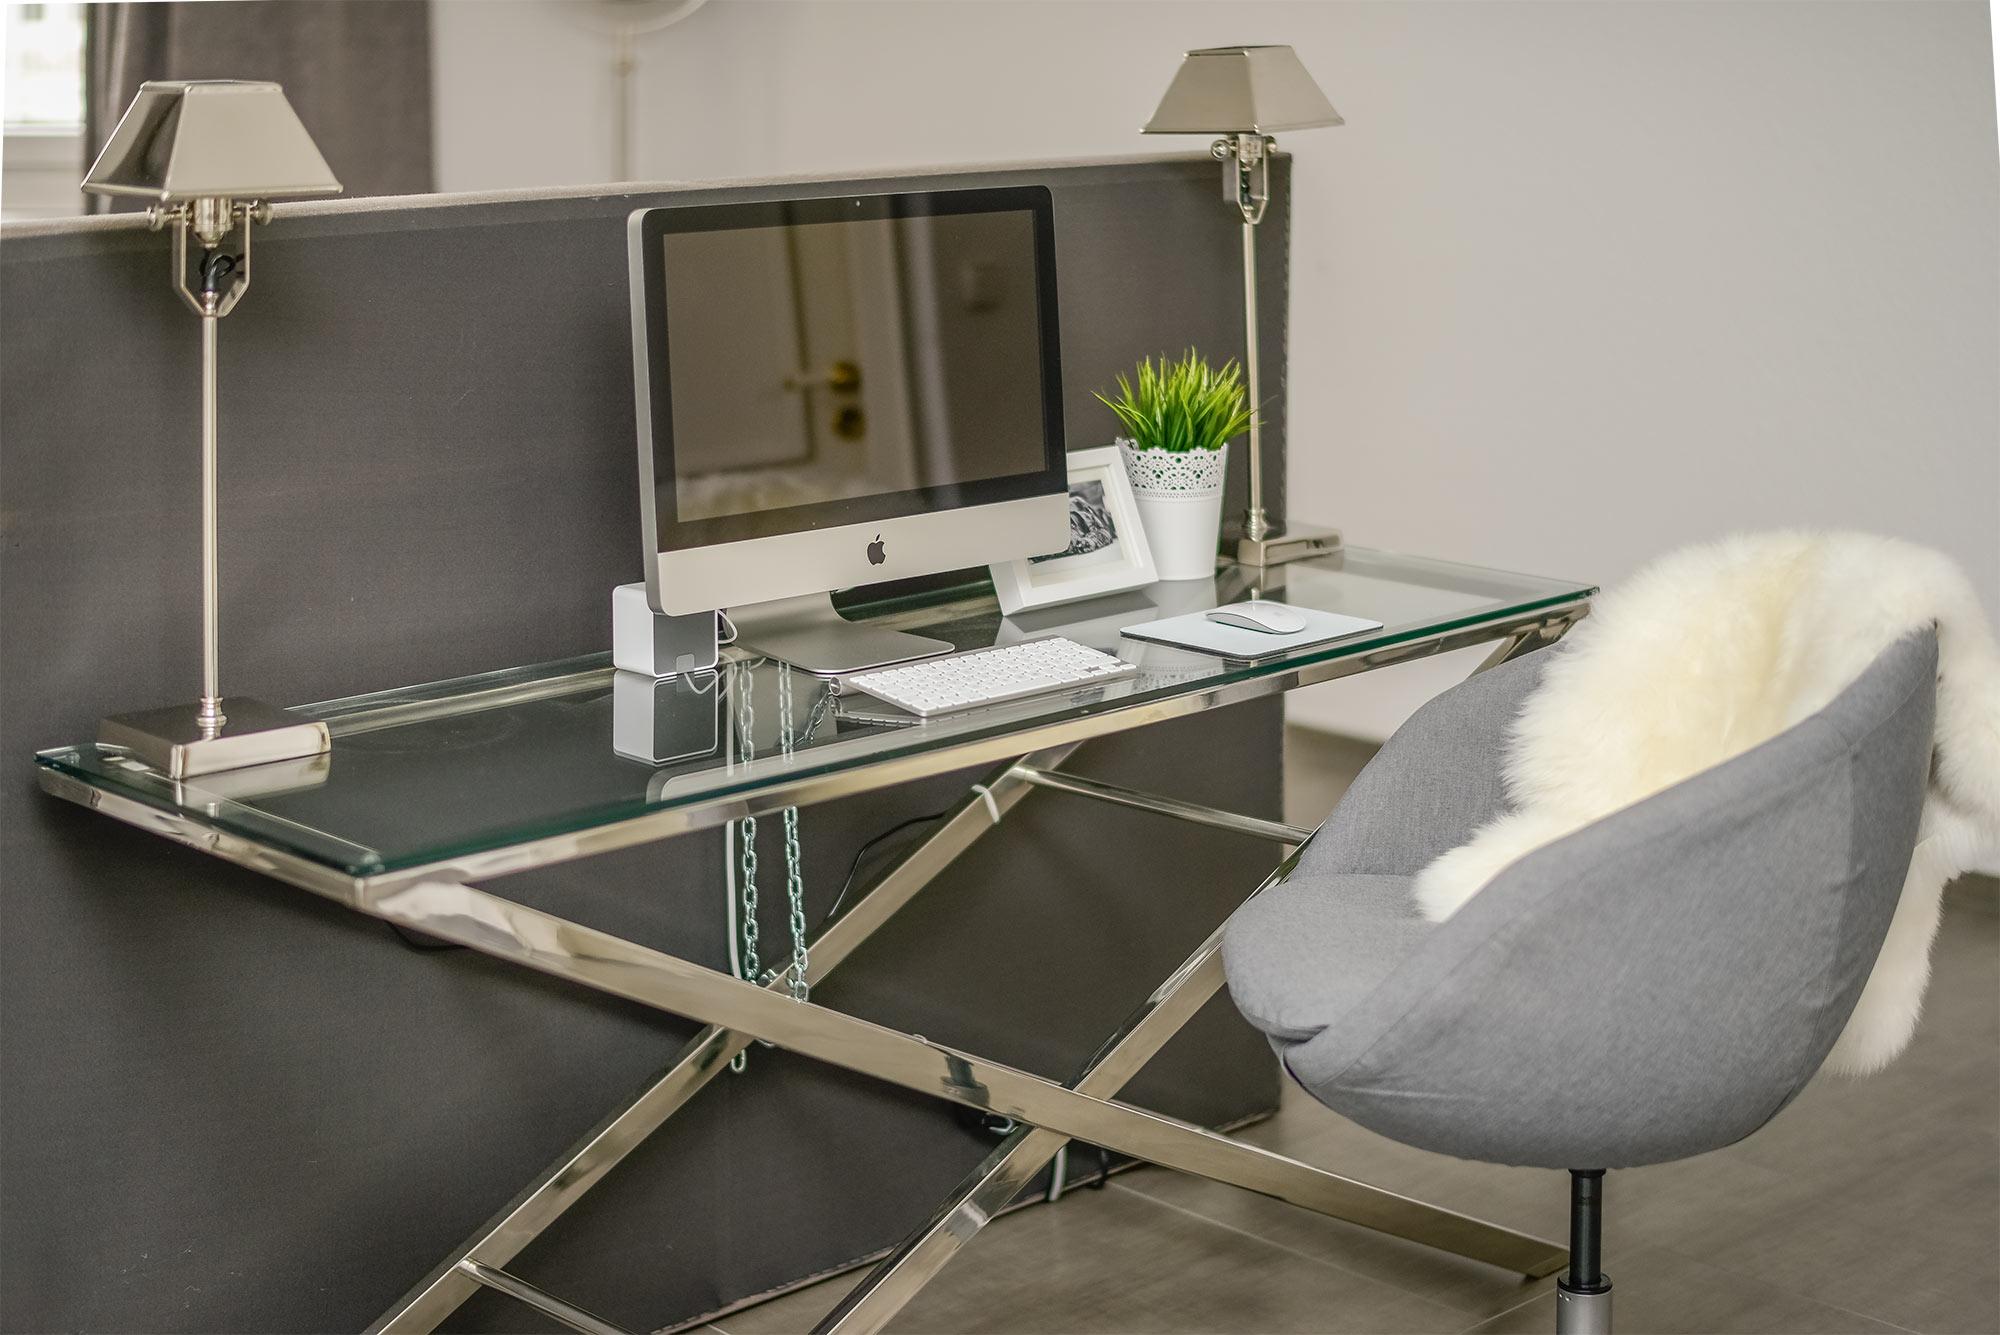 Schreibtisch mit Apple iMac